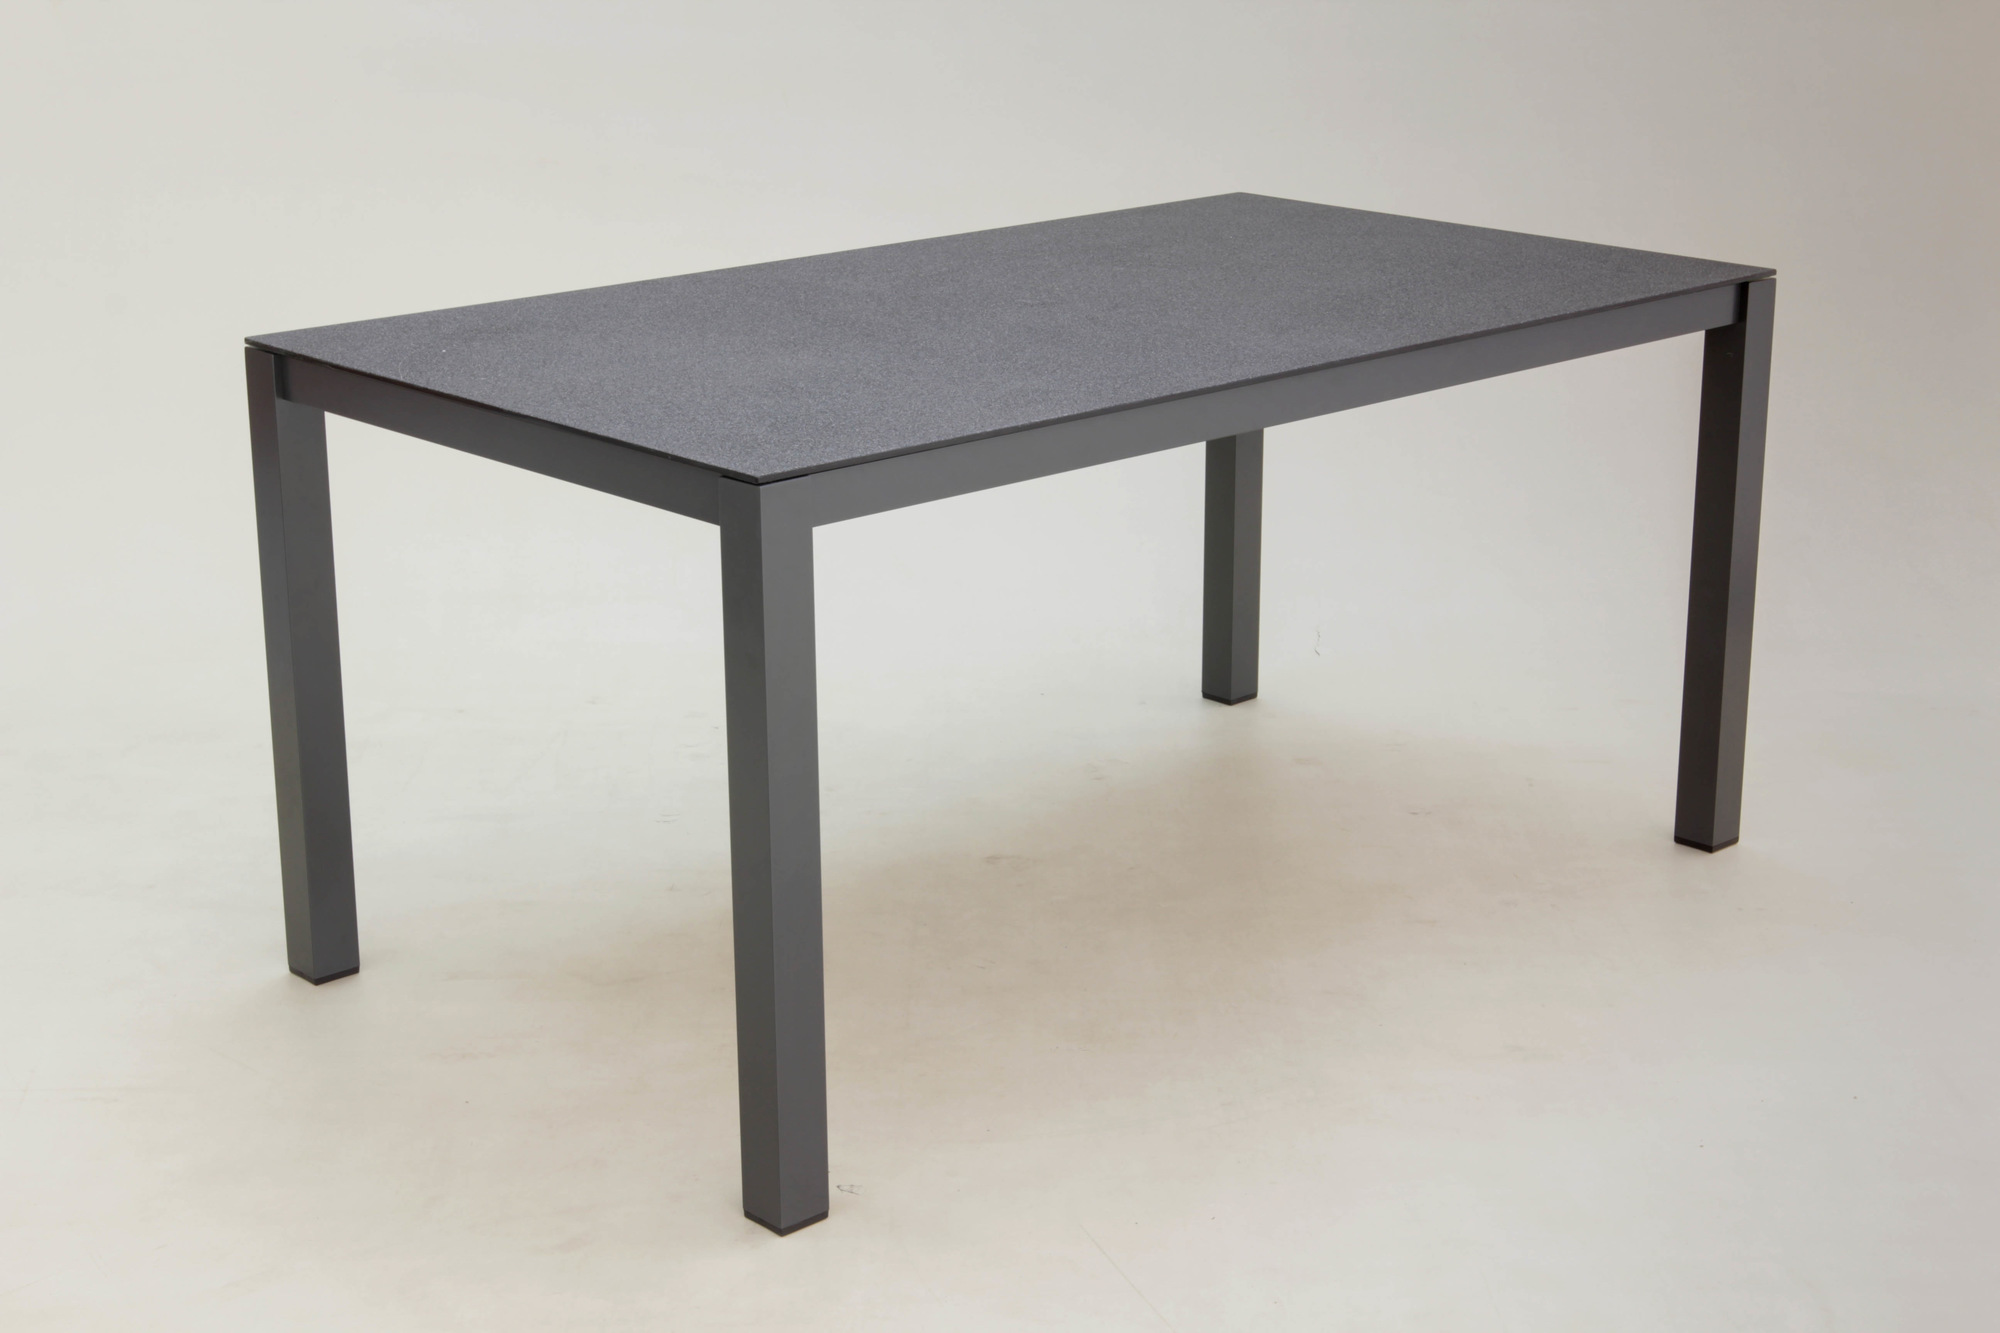 1539165398-gartenmoebel-160x90cm-alutisch-vido_0.jpg